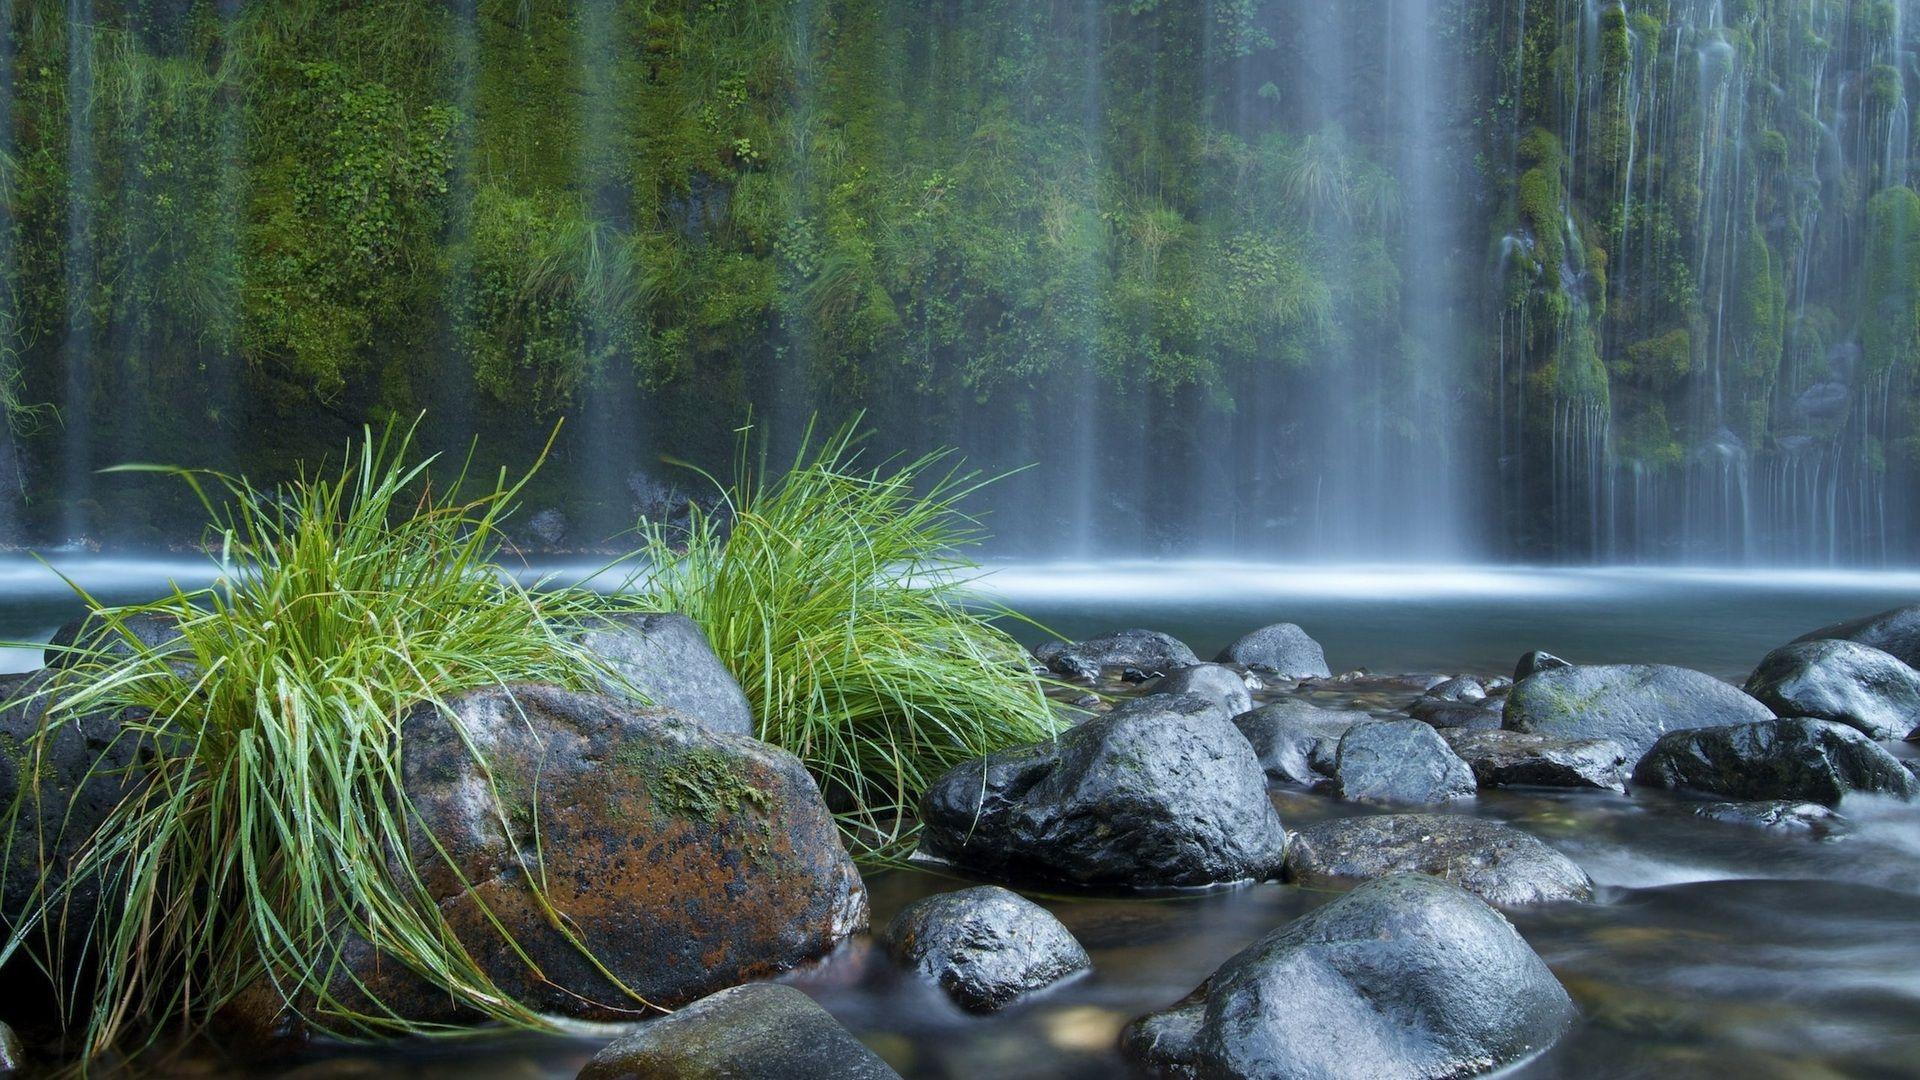 Best Waterfall wallpaper ideas on Pinterest